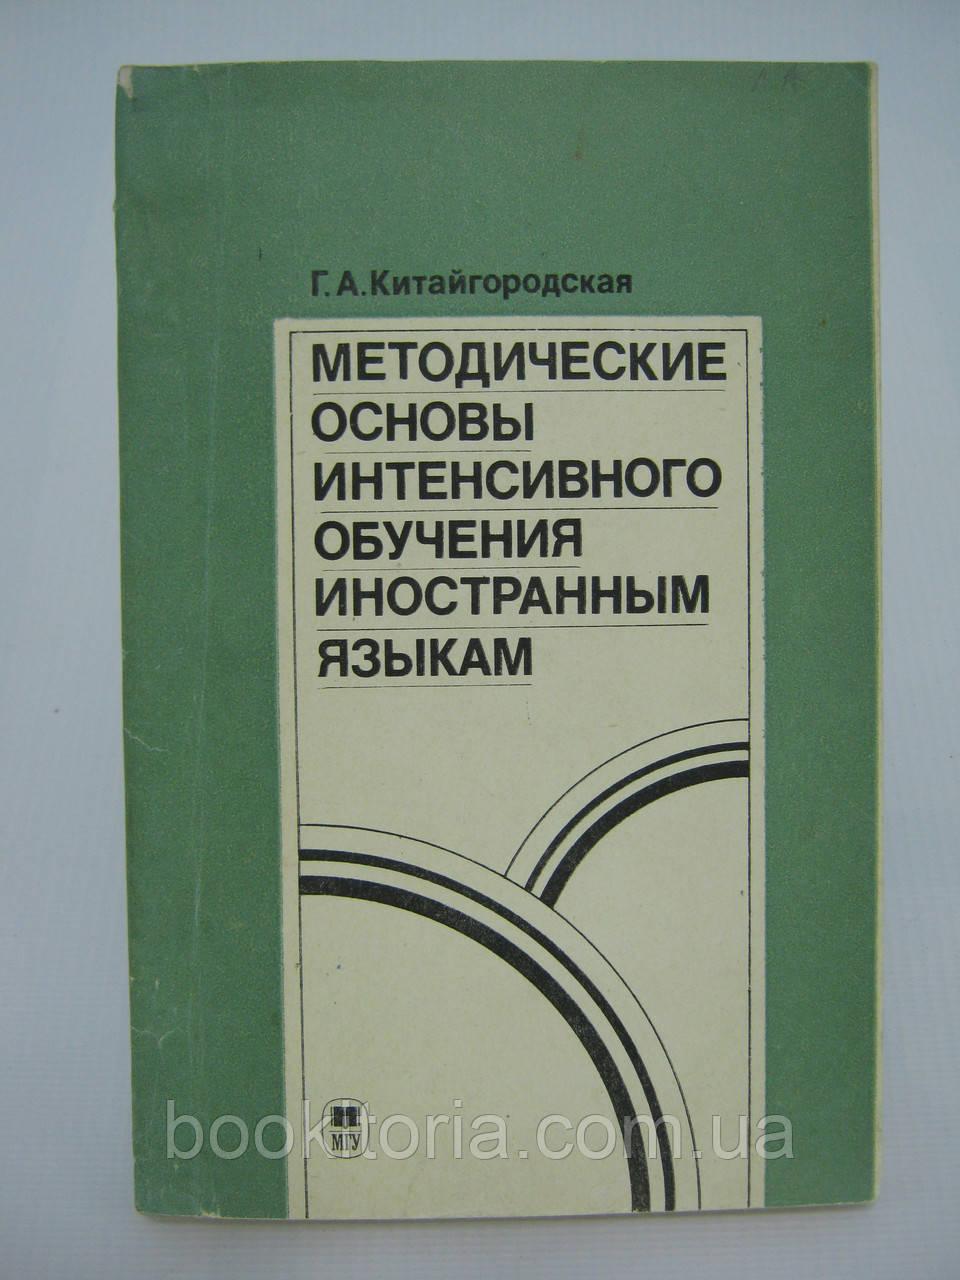 Китайгородская Г.А. Методические основы интенсивного обучения иностранным языкам (б/у).